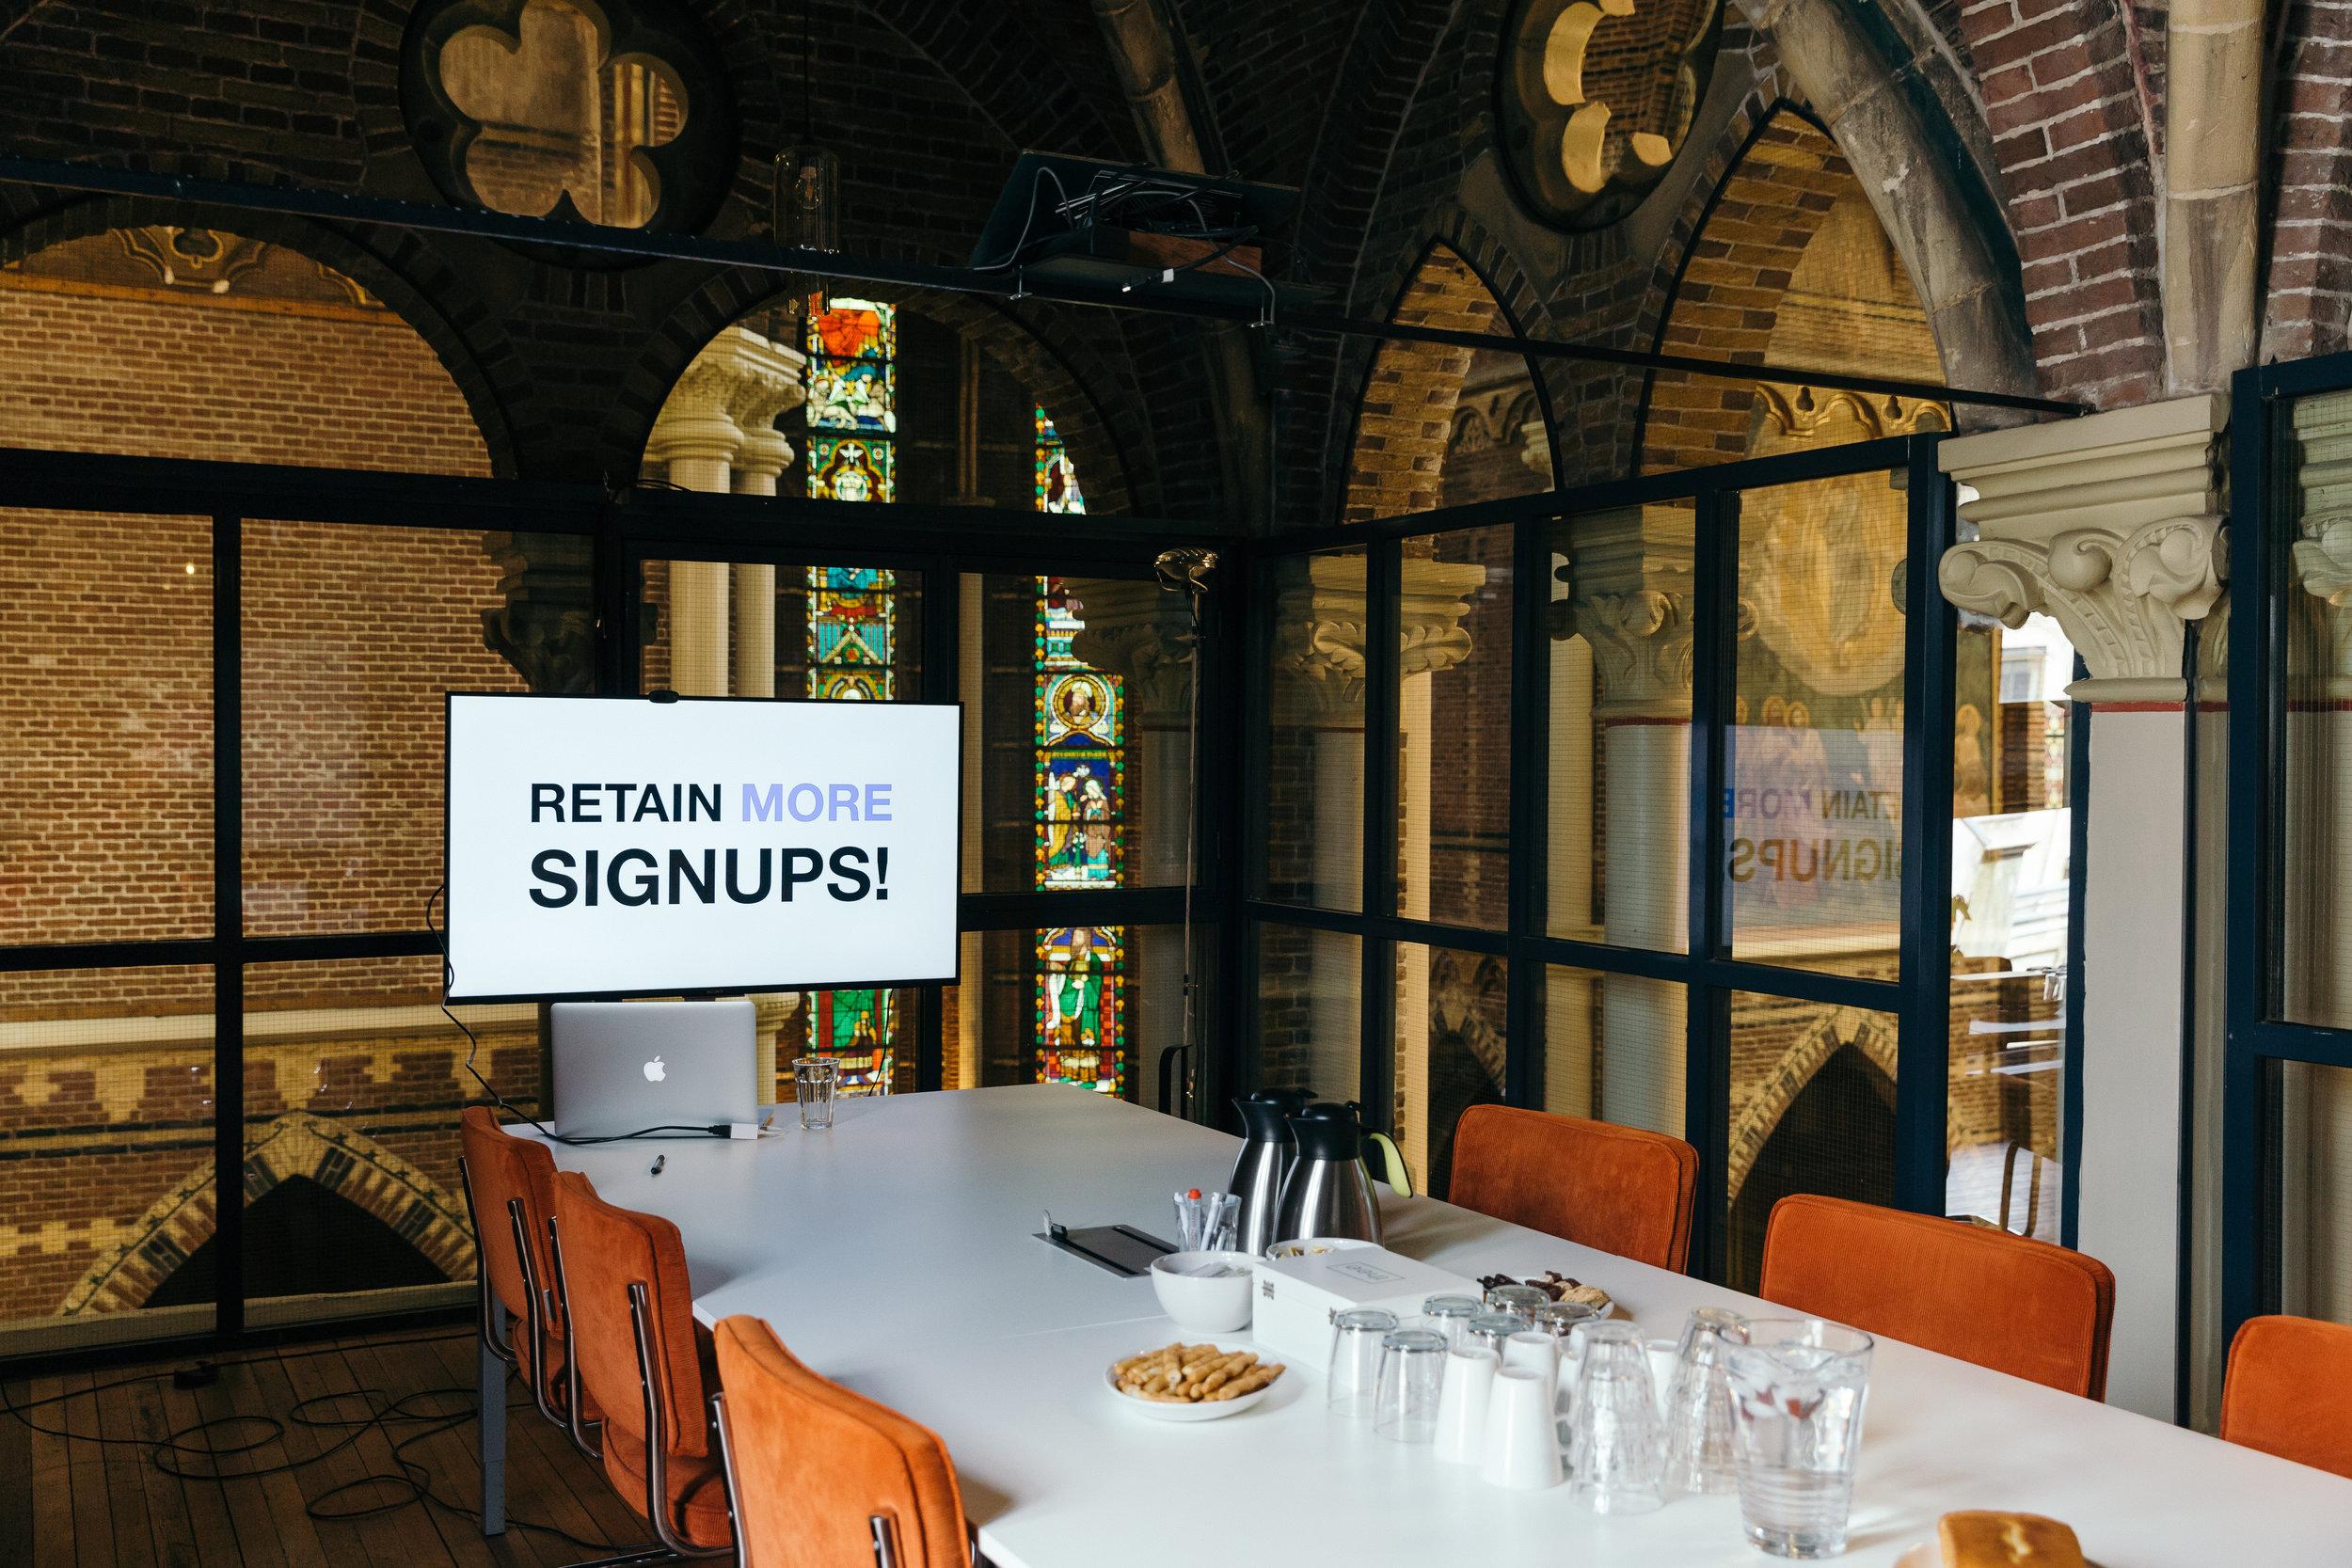 Mara-Zepeda-workshop-Amsterdam-by-On-a-hazy-morning-HR-40.jpg